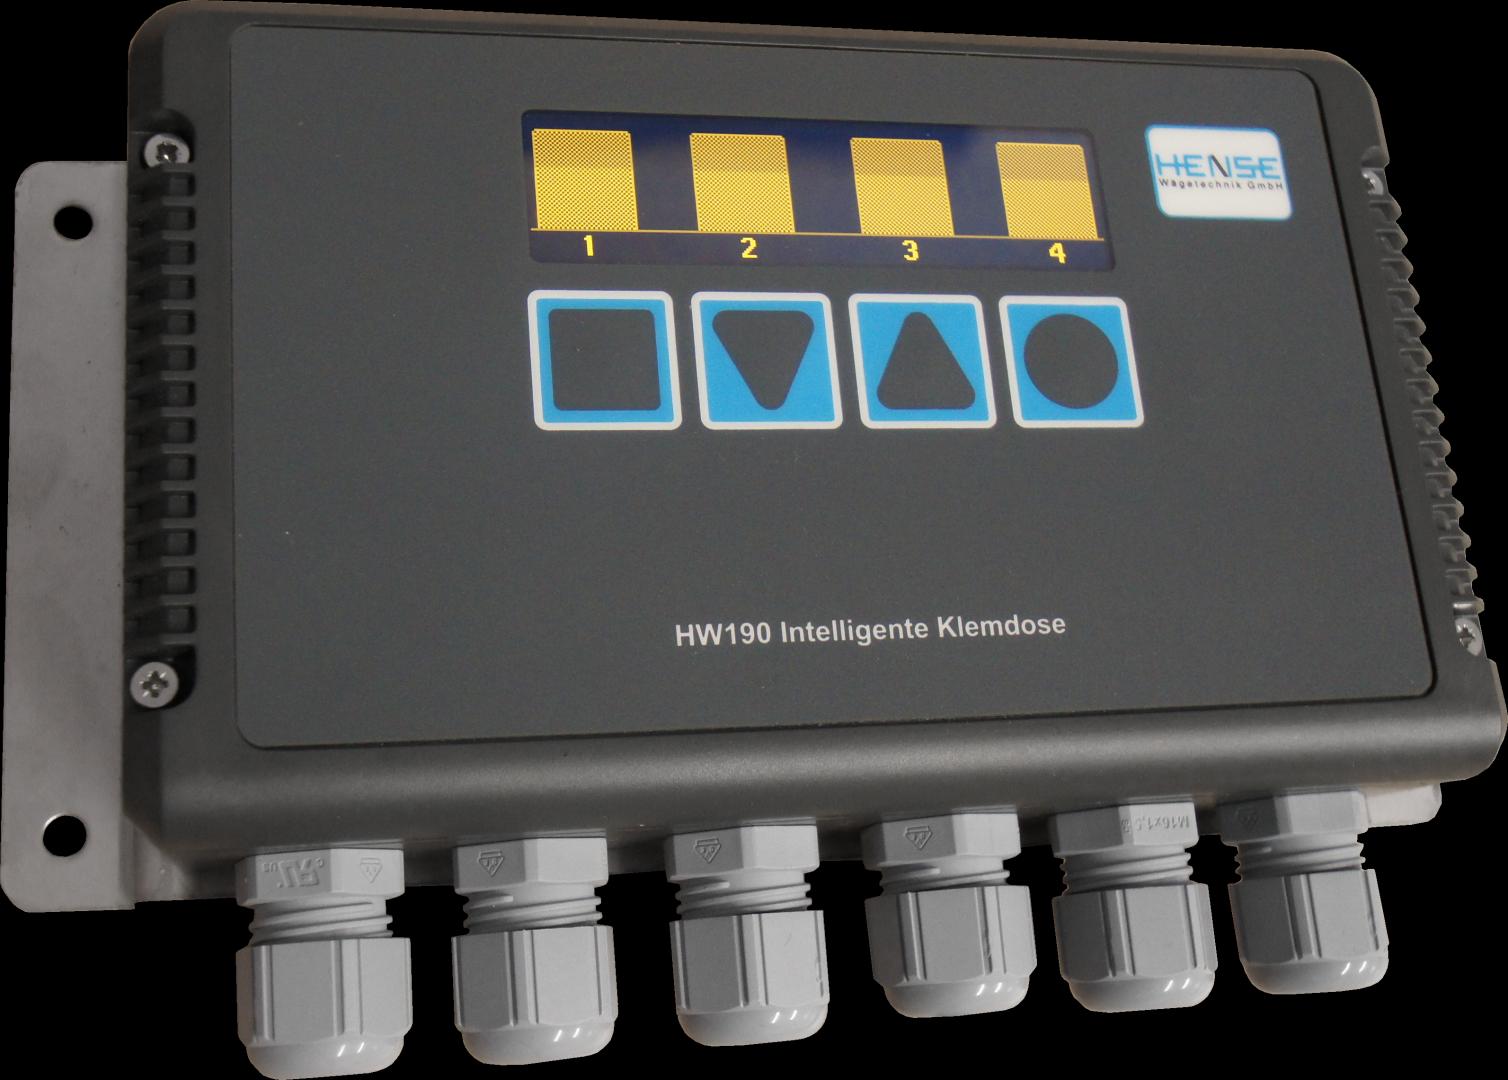 Intelligente Klemmdose Instandhaltung Montage Überwachung Wägezellensignale Elektronik Verstärker